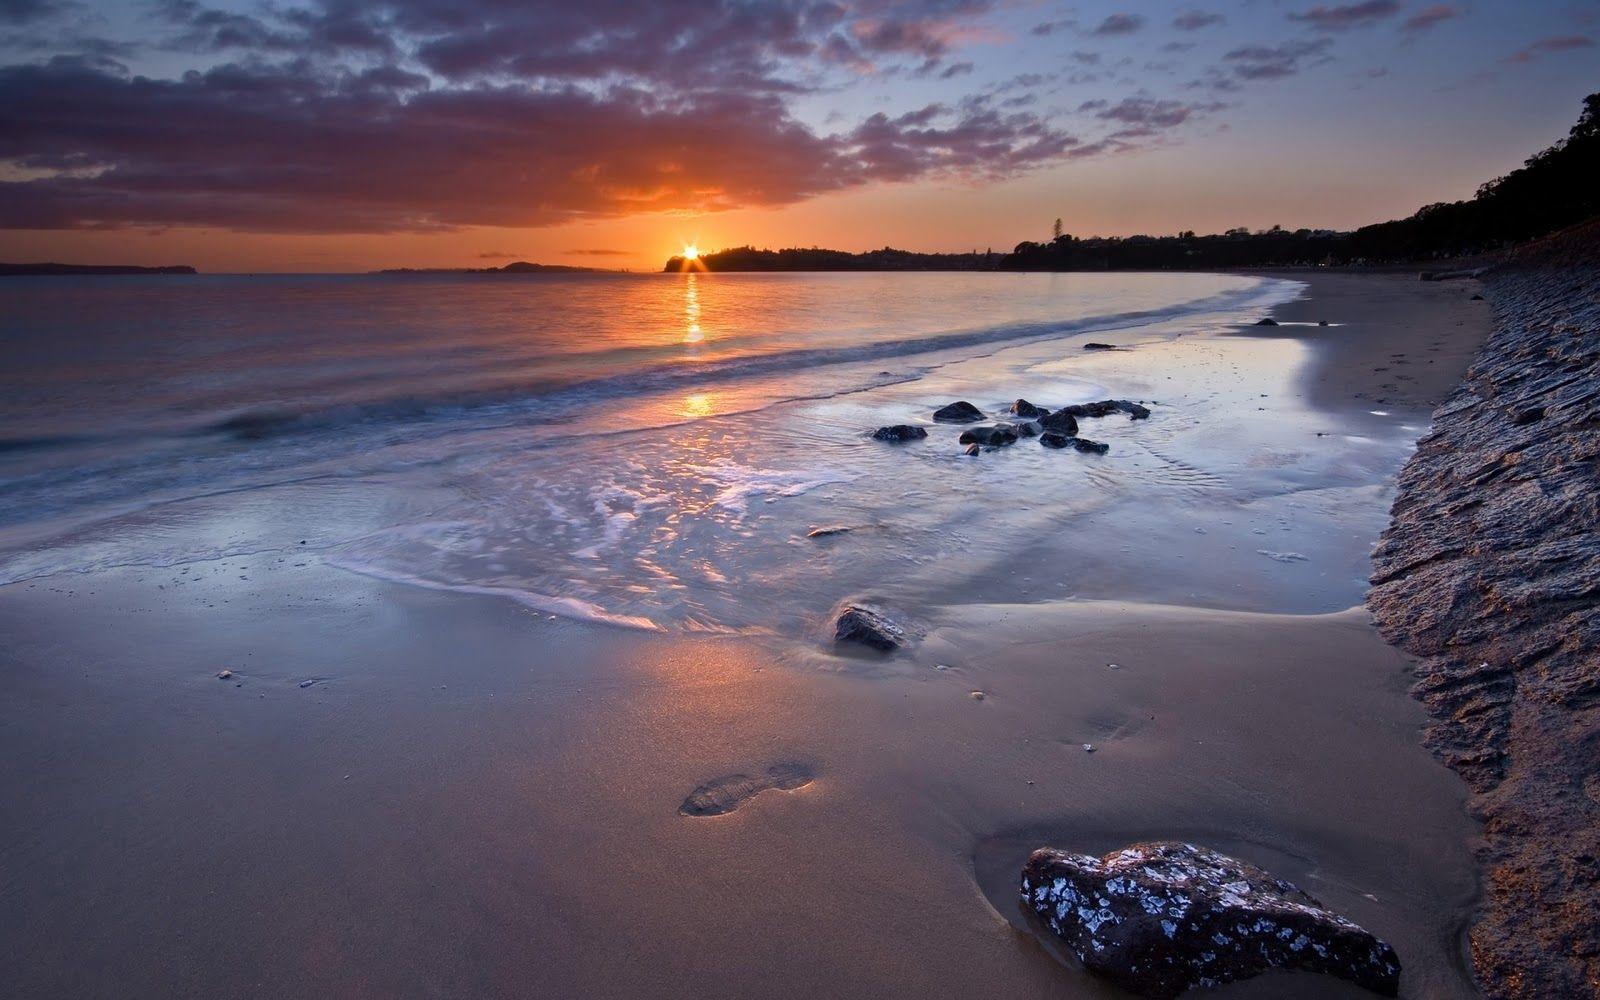 Sunset Screensavers Wallpapers Beach Wallpaper Landscape Photography Sunset Wallpaper